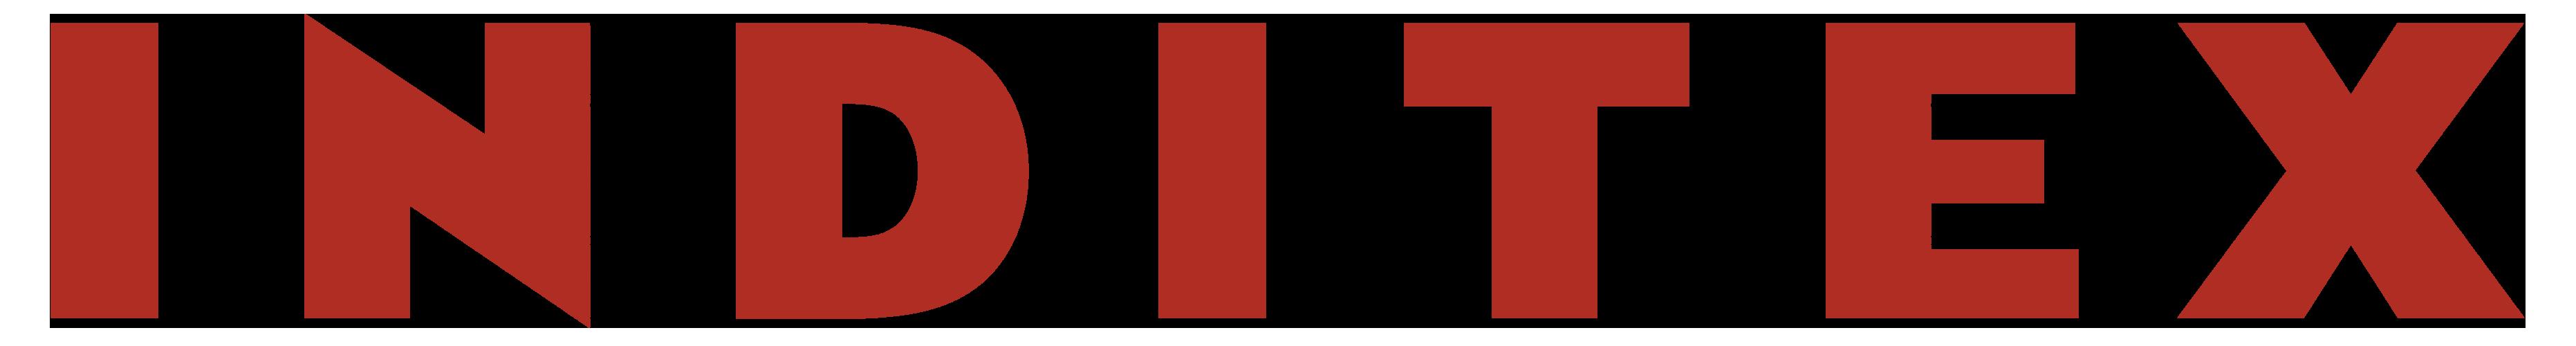 Inditex Logo PNG